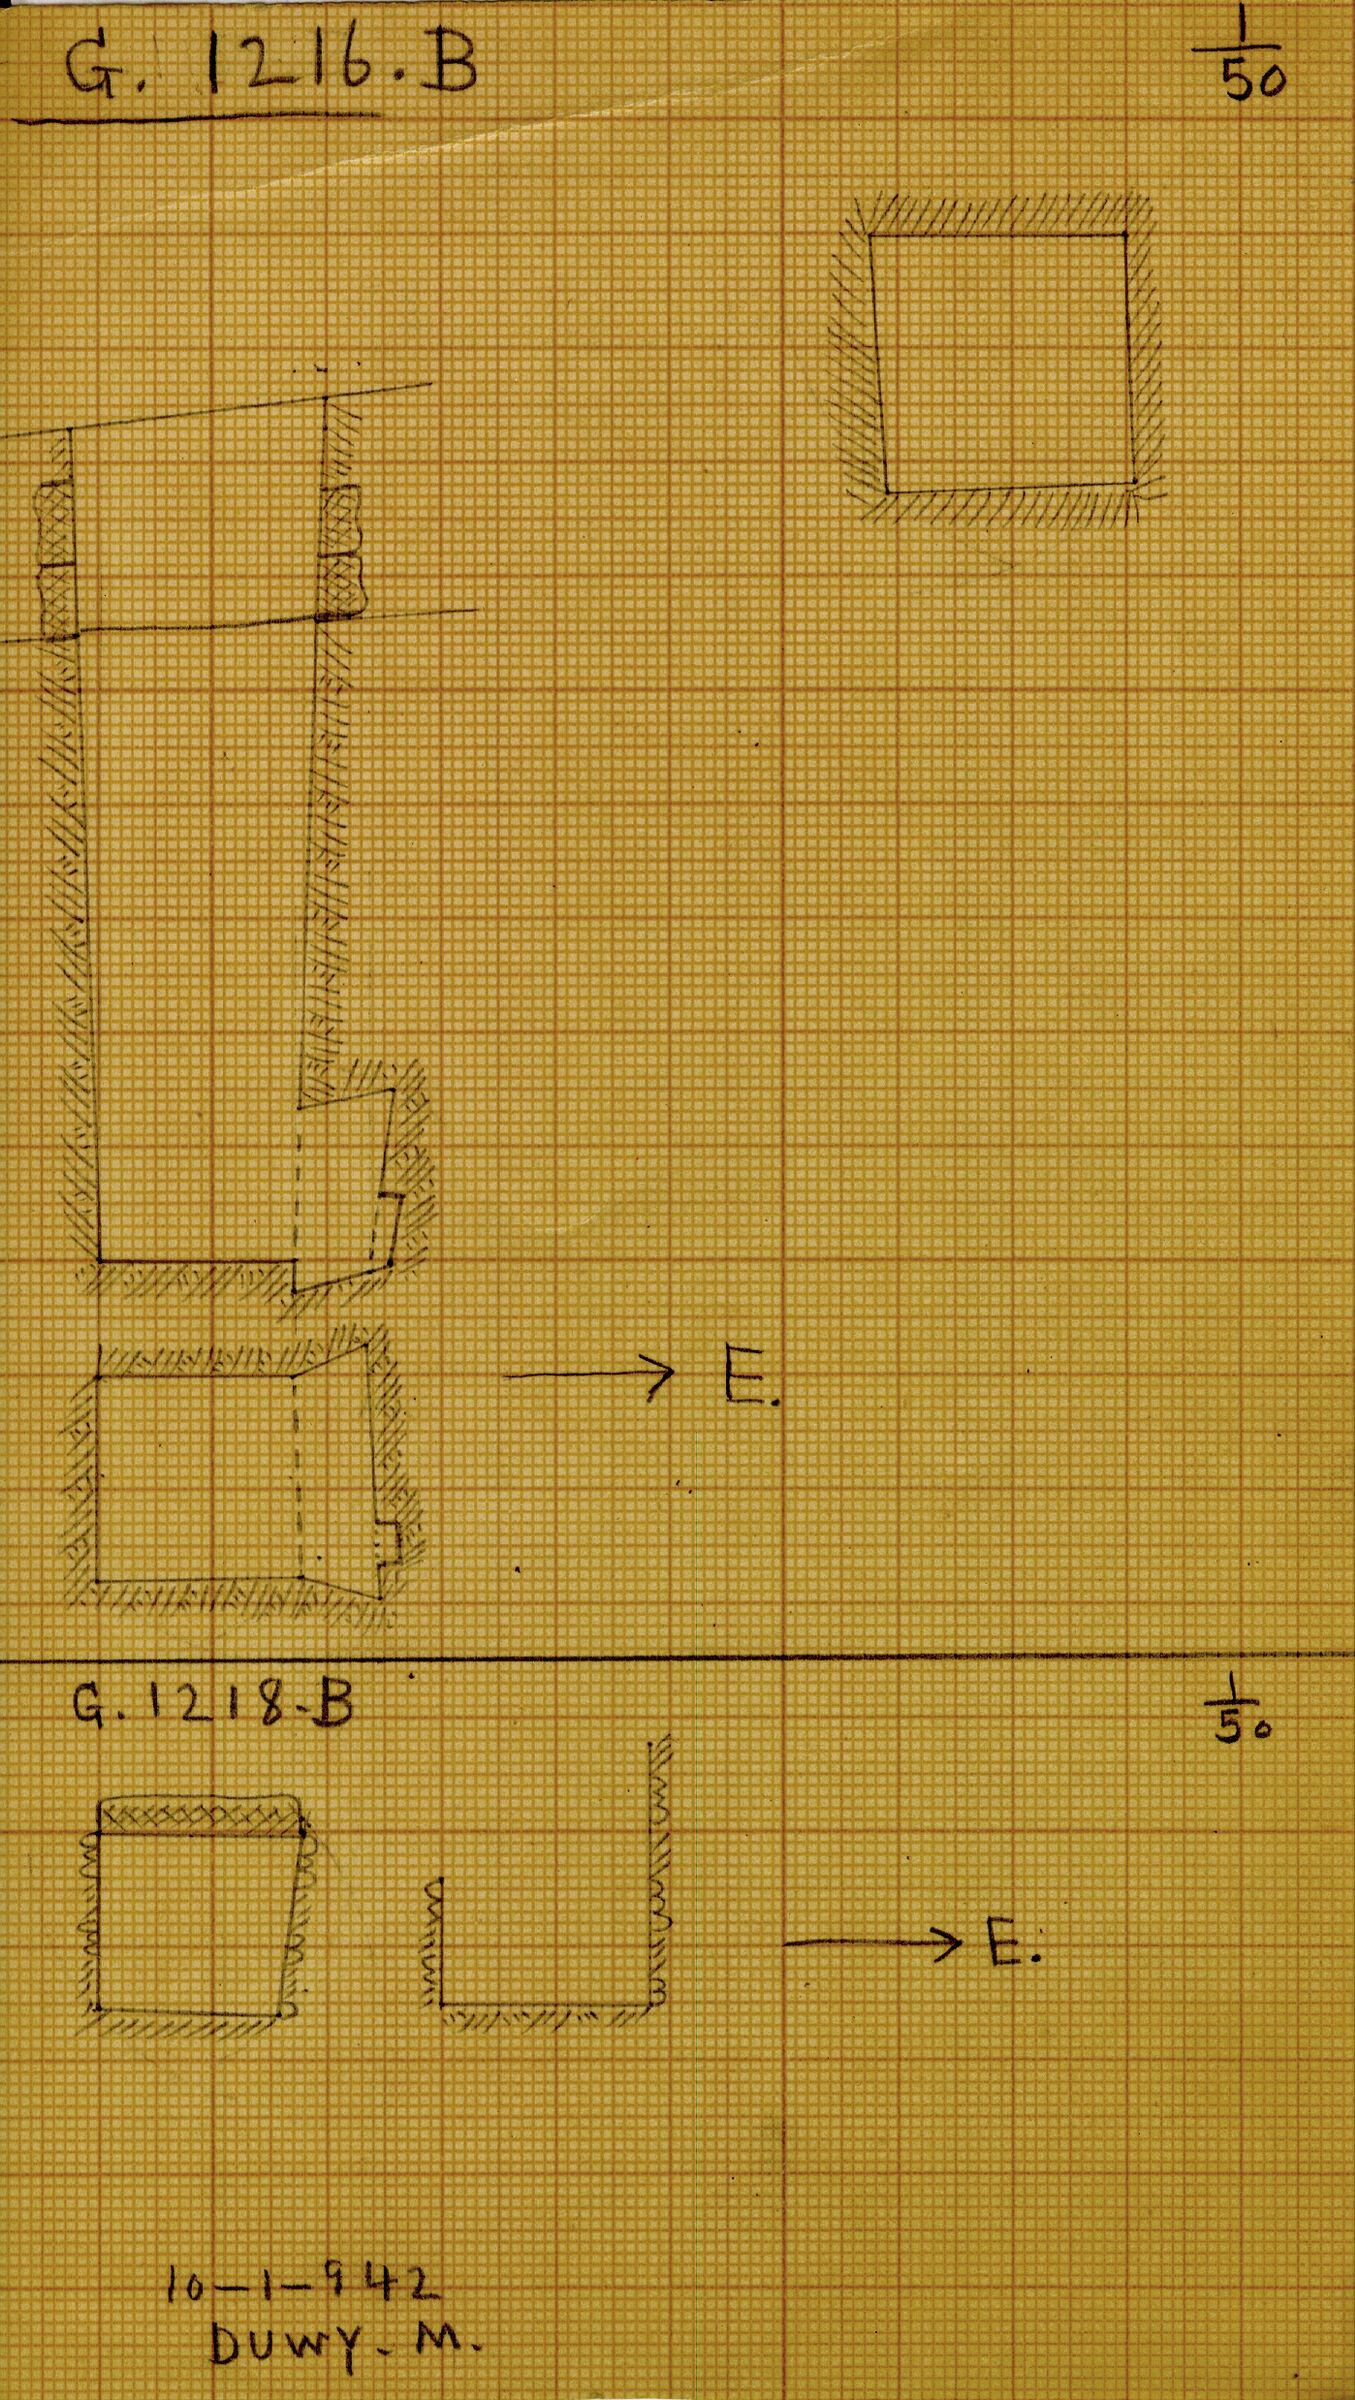 Maps and plans: G 1216, Shaft B & G 1218, Shaft B